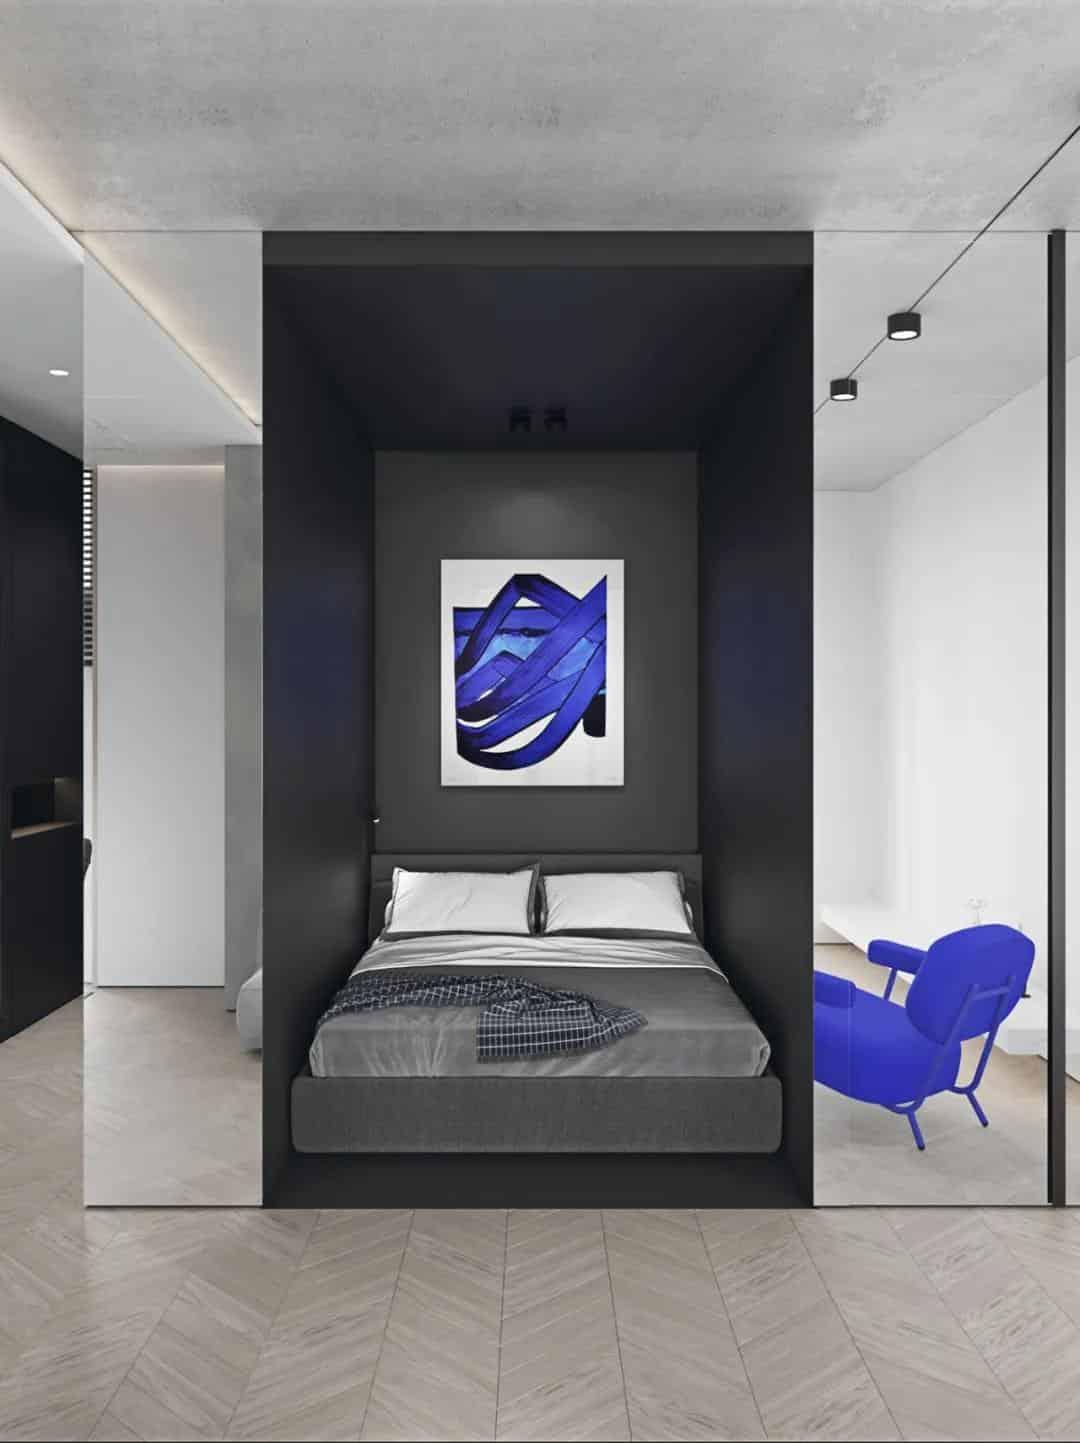 講究品質生活,充滿設計感的單身公寓室內設計!